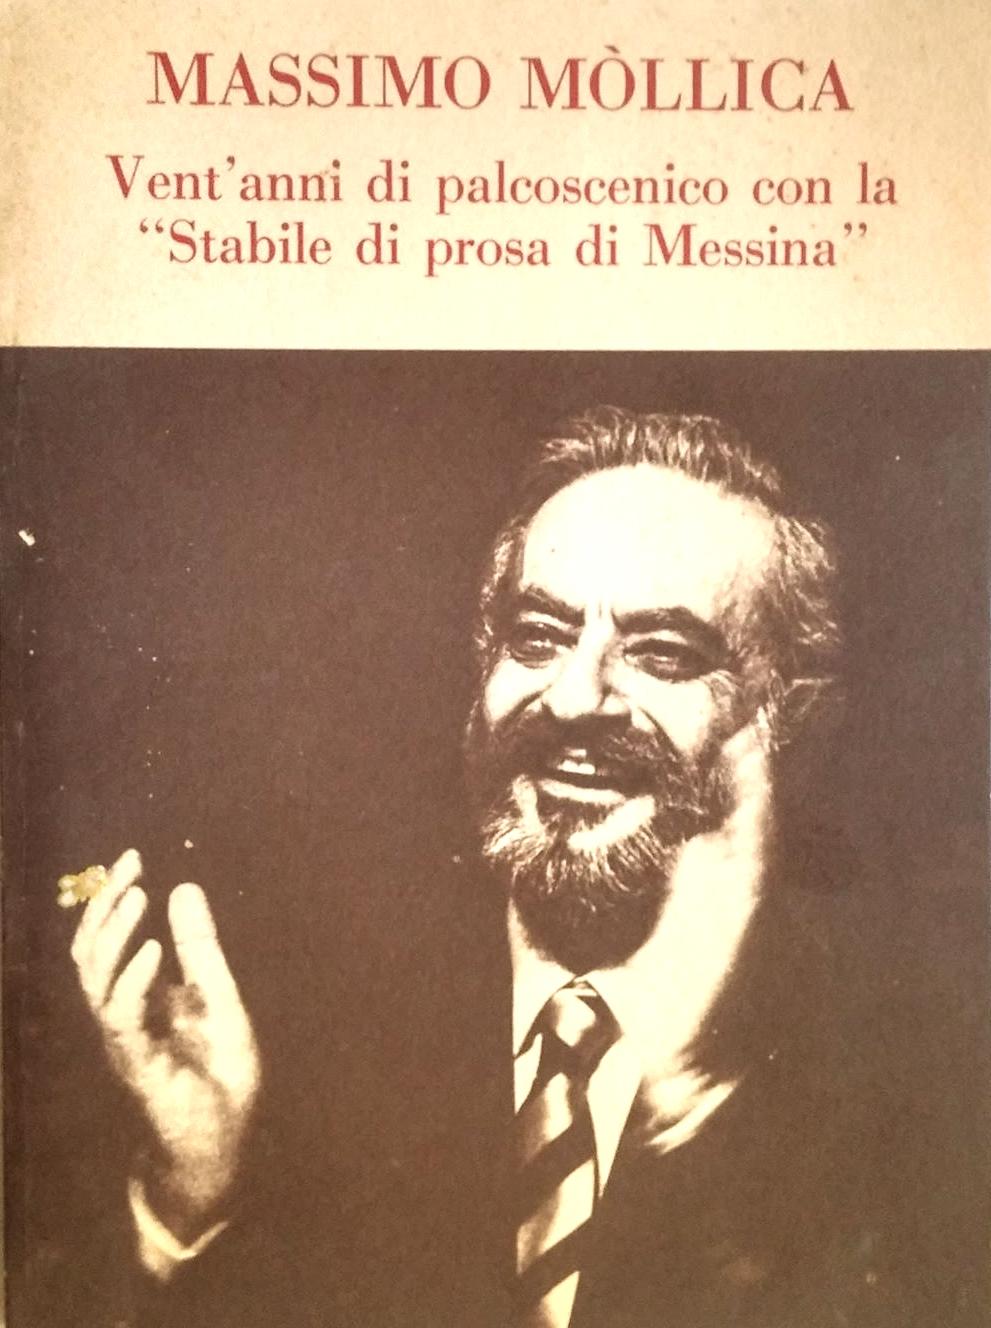 Massimo Mòllica nelle più importanti interpretazioni